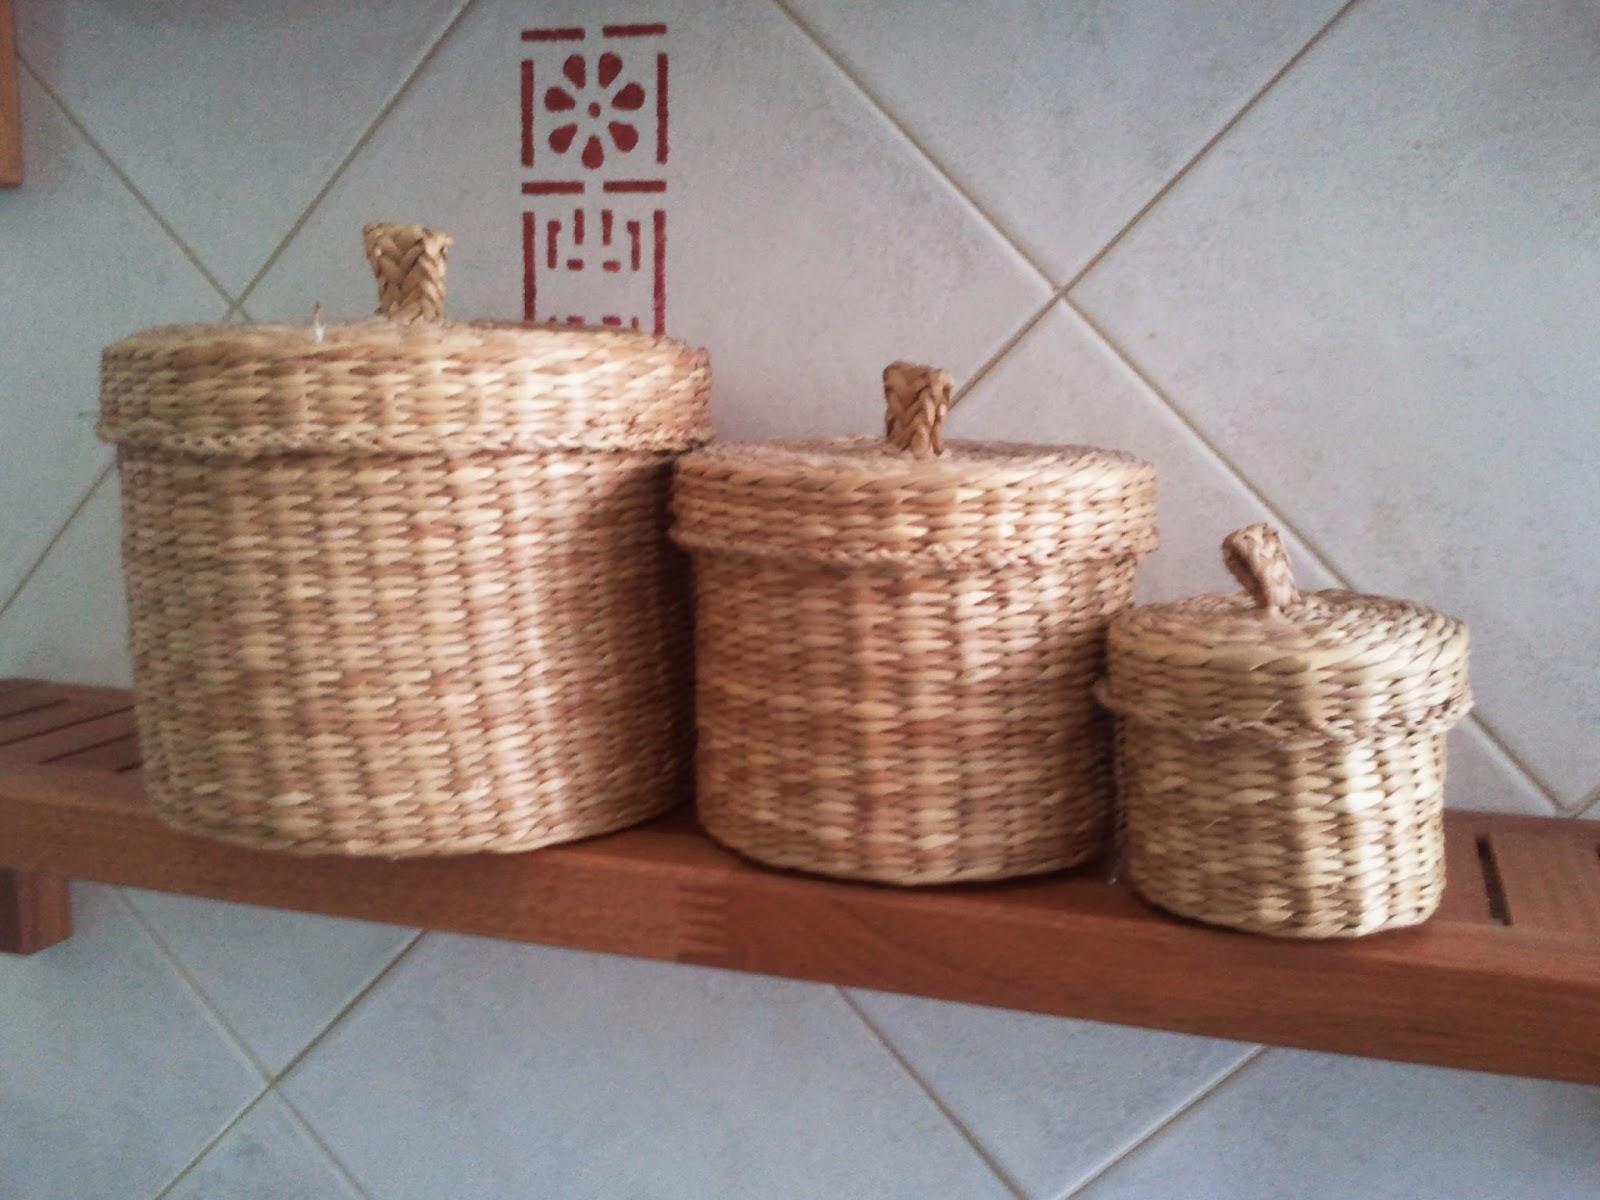 Come decorare con semplicit contenitori in vimini - Contenitori di plastica ikea ...